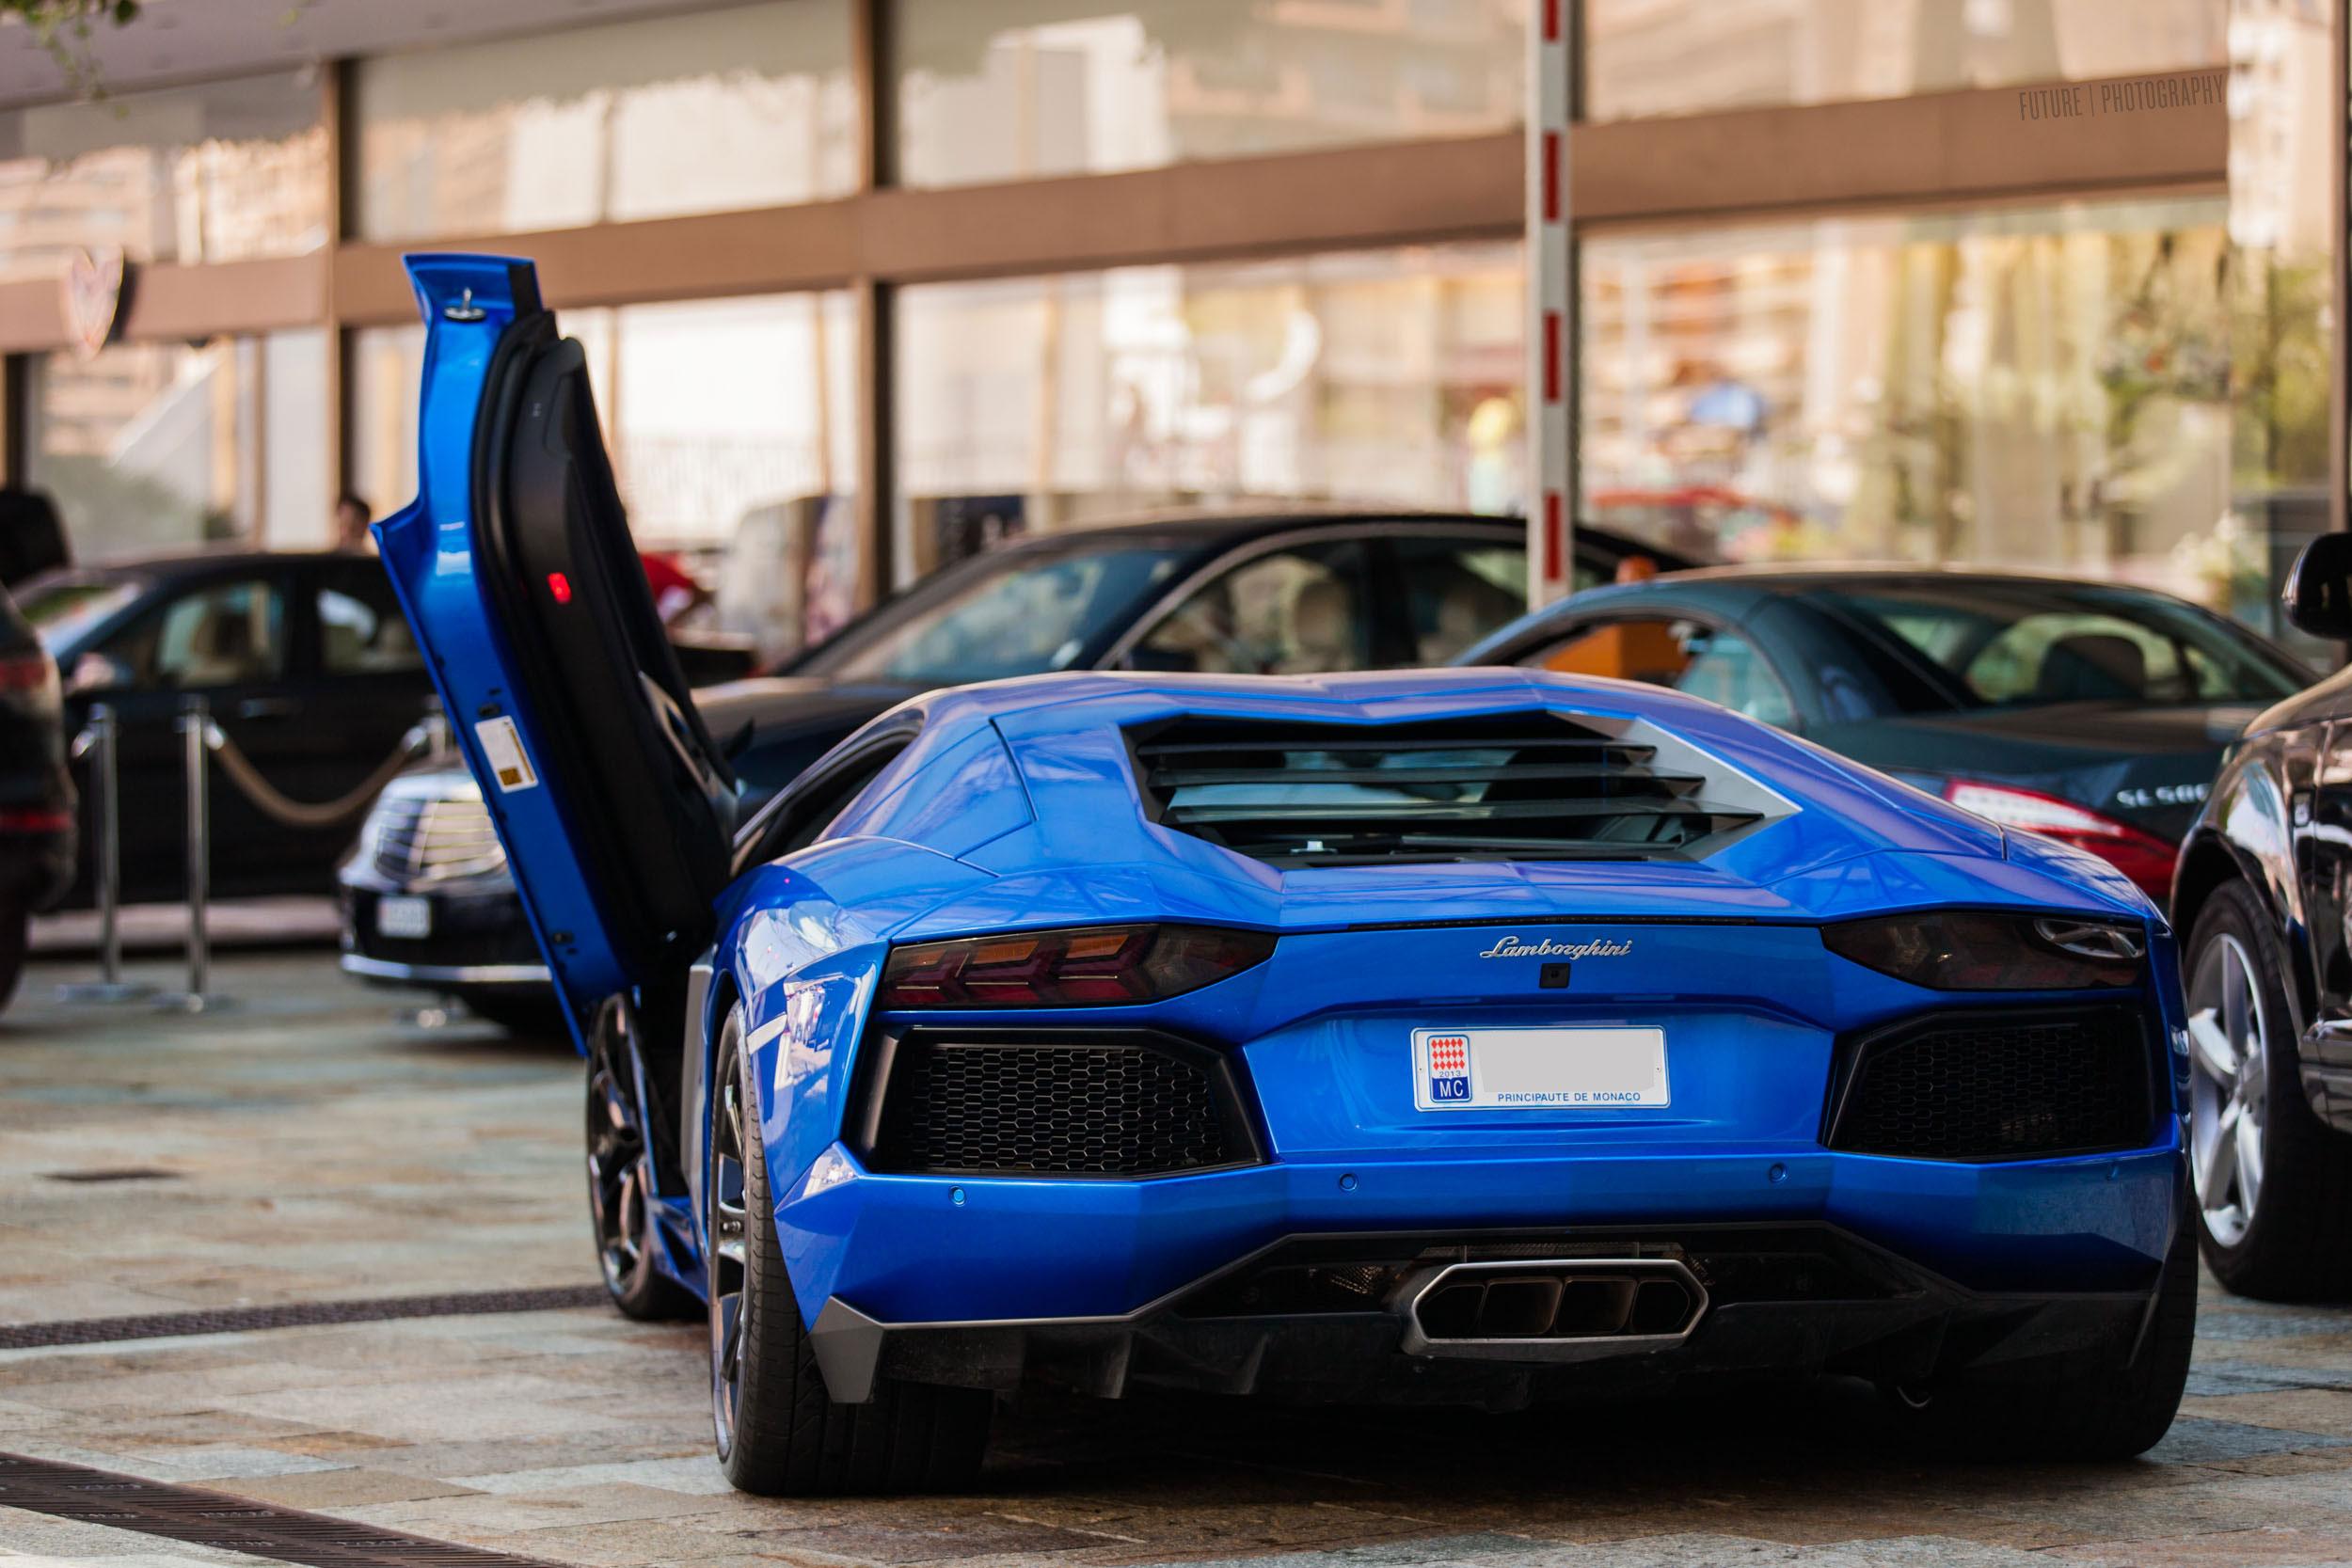 hintergrundbilder : straße, italien, auto, gebäude, fahrzeug